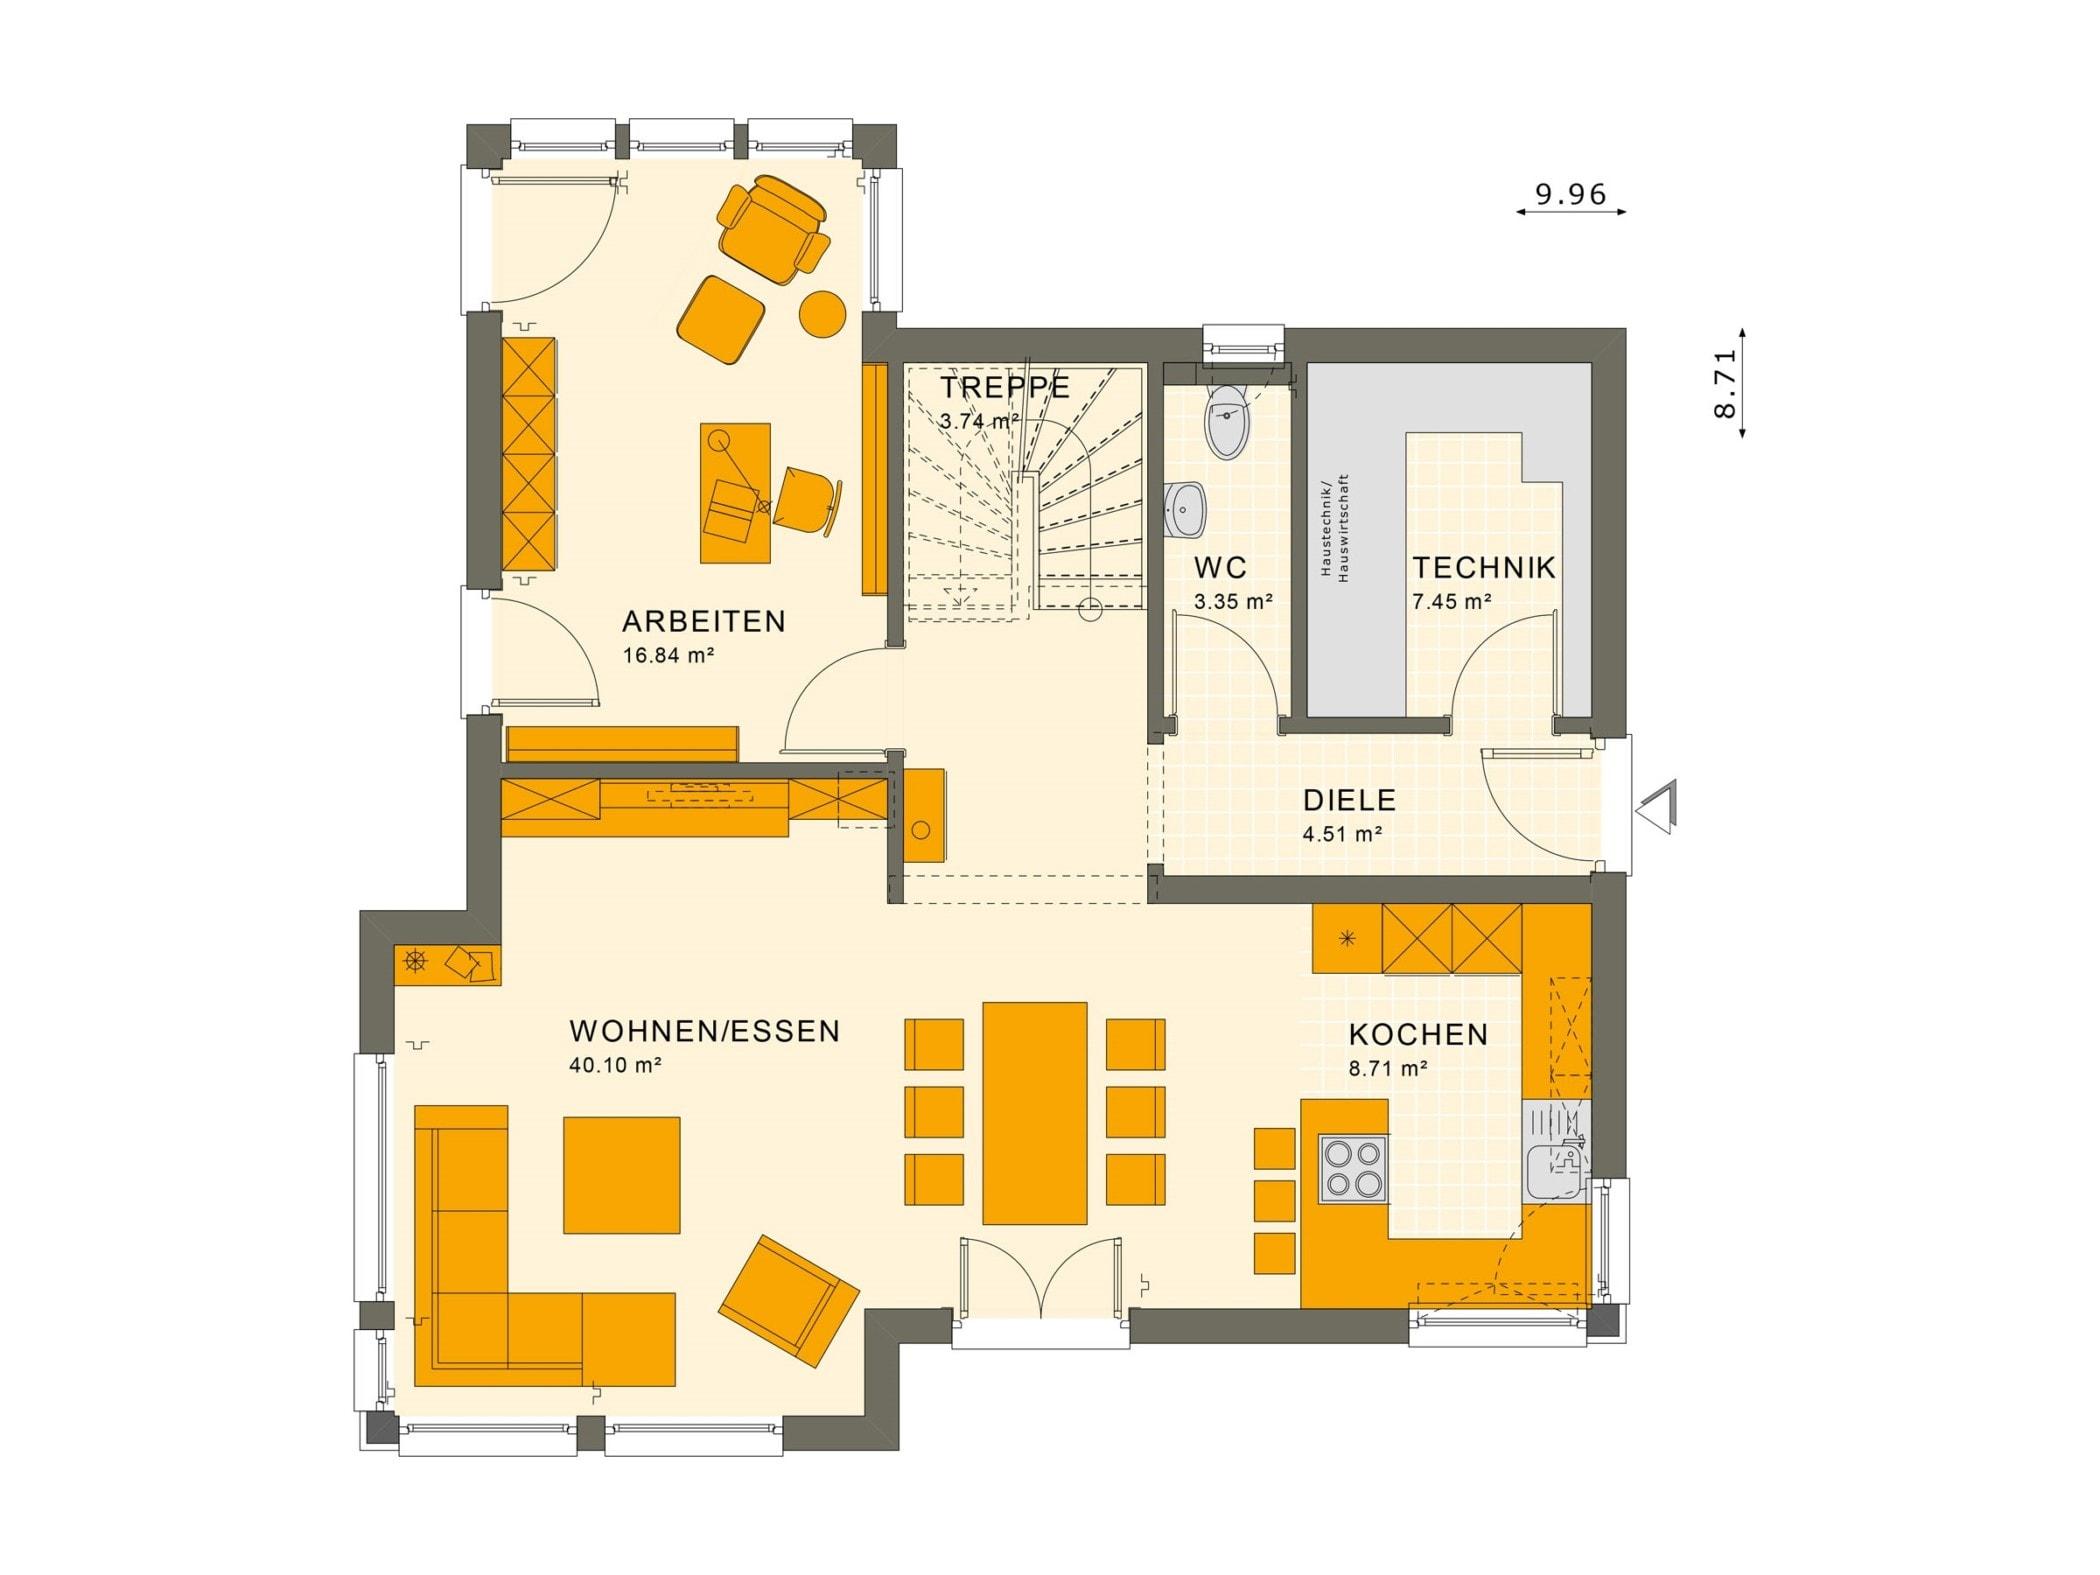 Einfamilienhaus Grundriss Erdgeschoss mit Erker & Arbeitszimmer - Fertighaus Living Haus SUNSHINE 143 V3 - HausbauDirekt.de